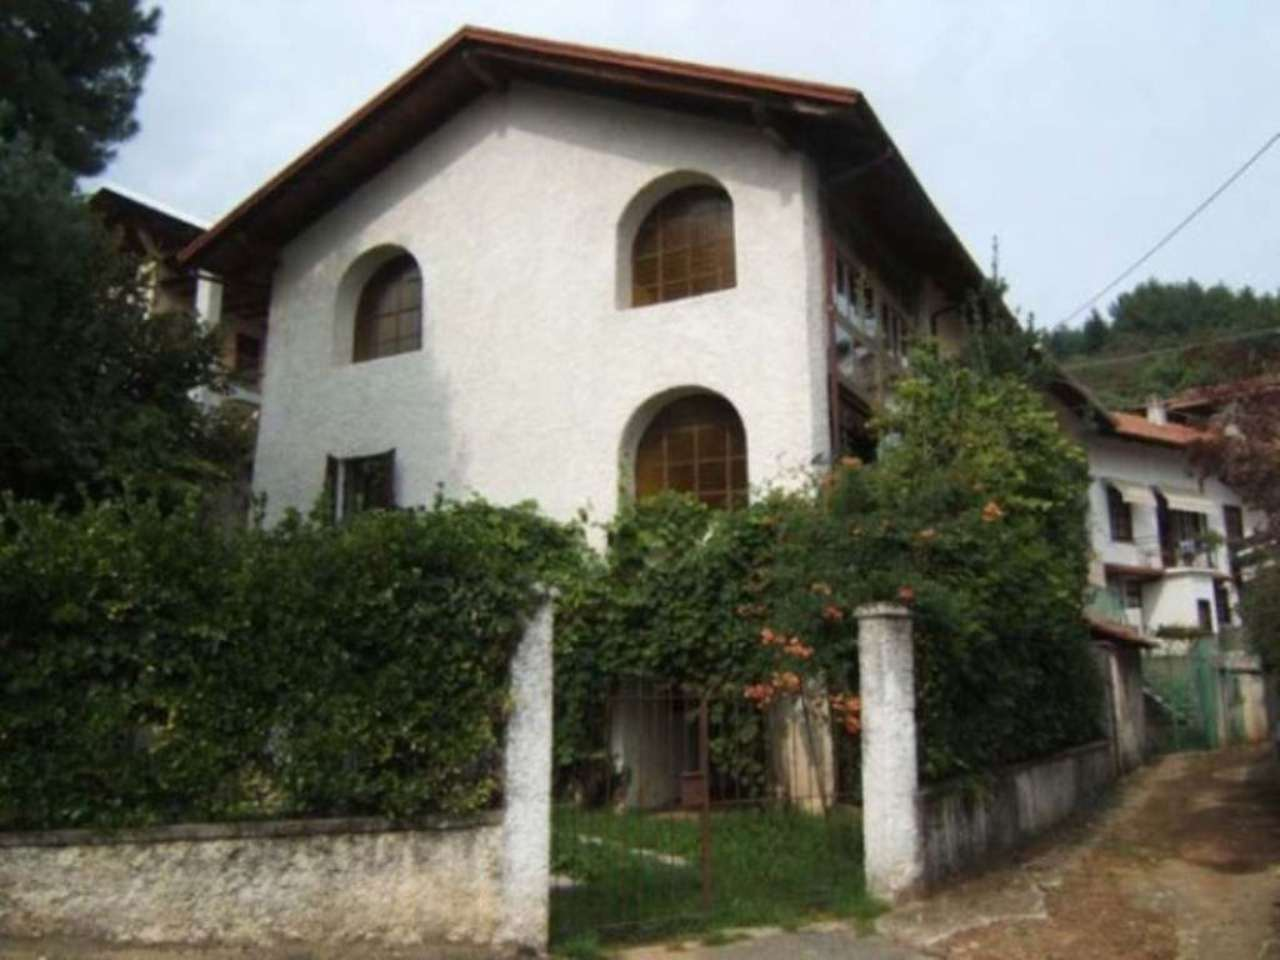 Soluzione Semindipendente in vendita a Cellio, 6 locali, prezzo € 59.000 | Cambio Casa.it